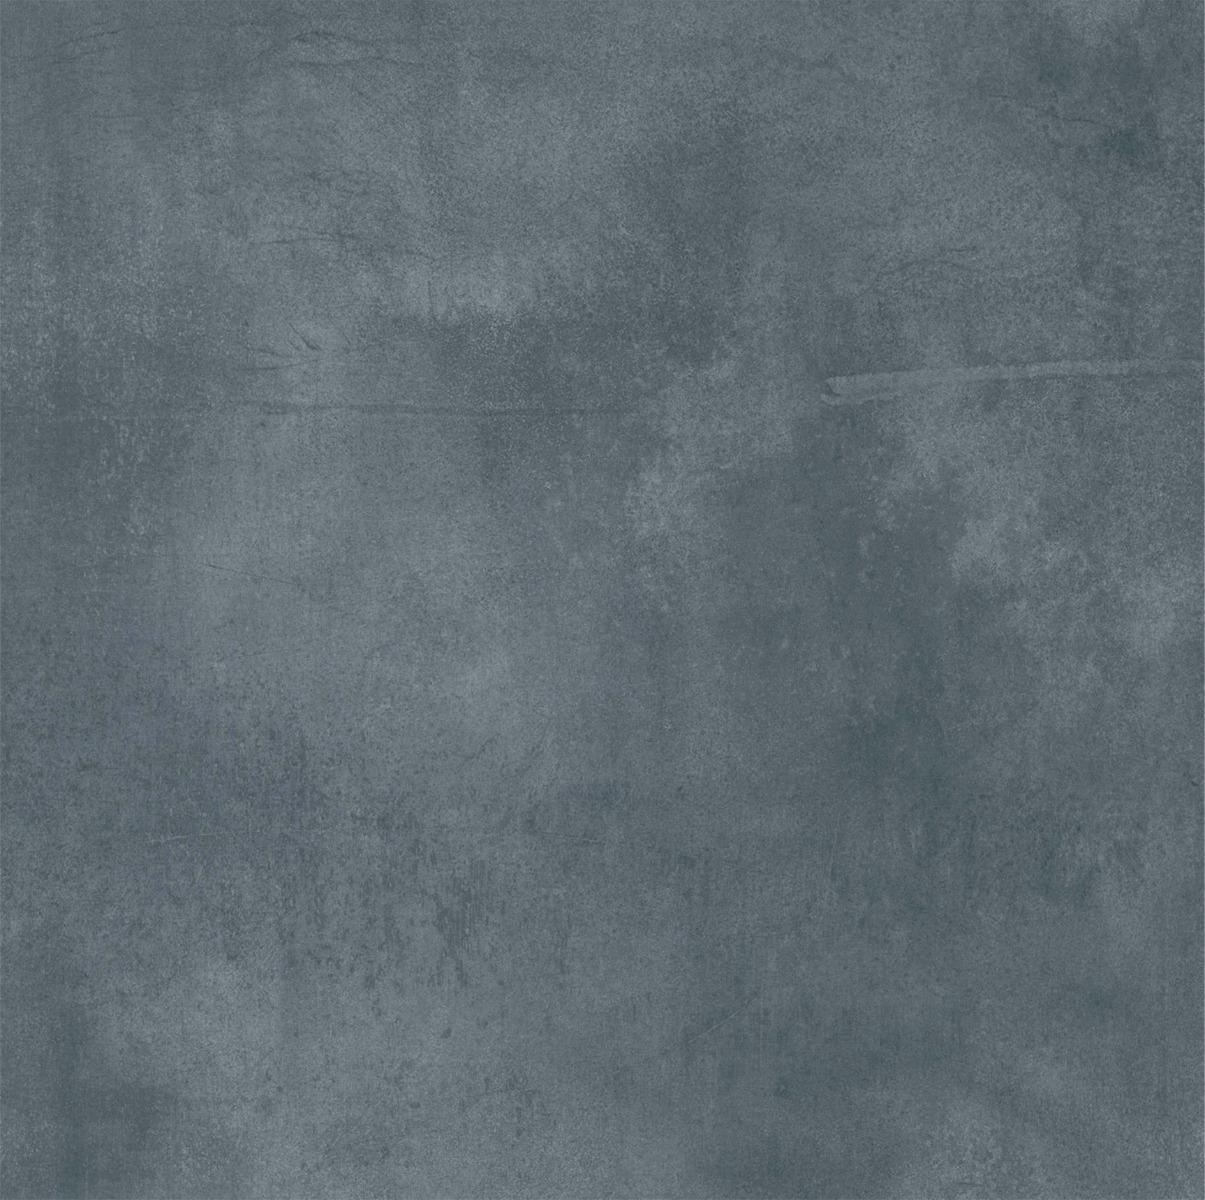 DGVT Cemento Gris